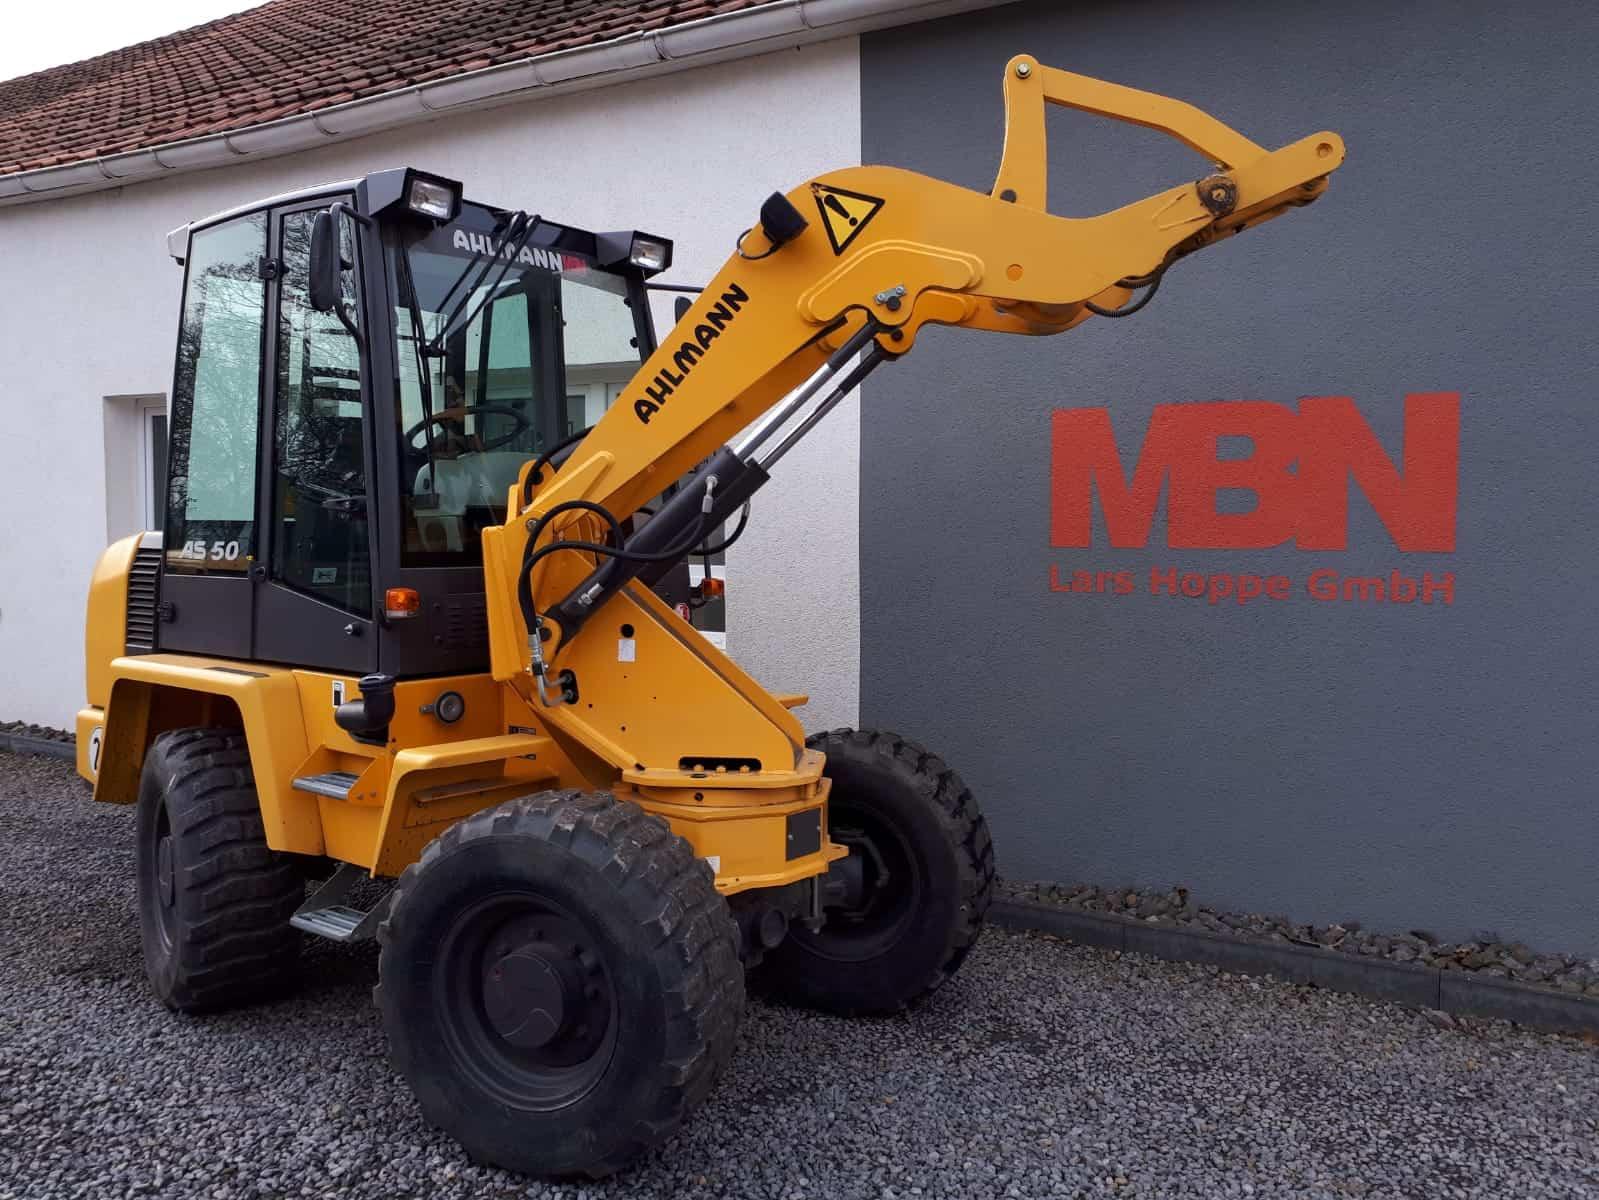 AHLMANN-AS50-gebraucht-Radlader-Gebrauchtmarkt-MBN-Baumaschinen-Schwenklader-03